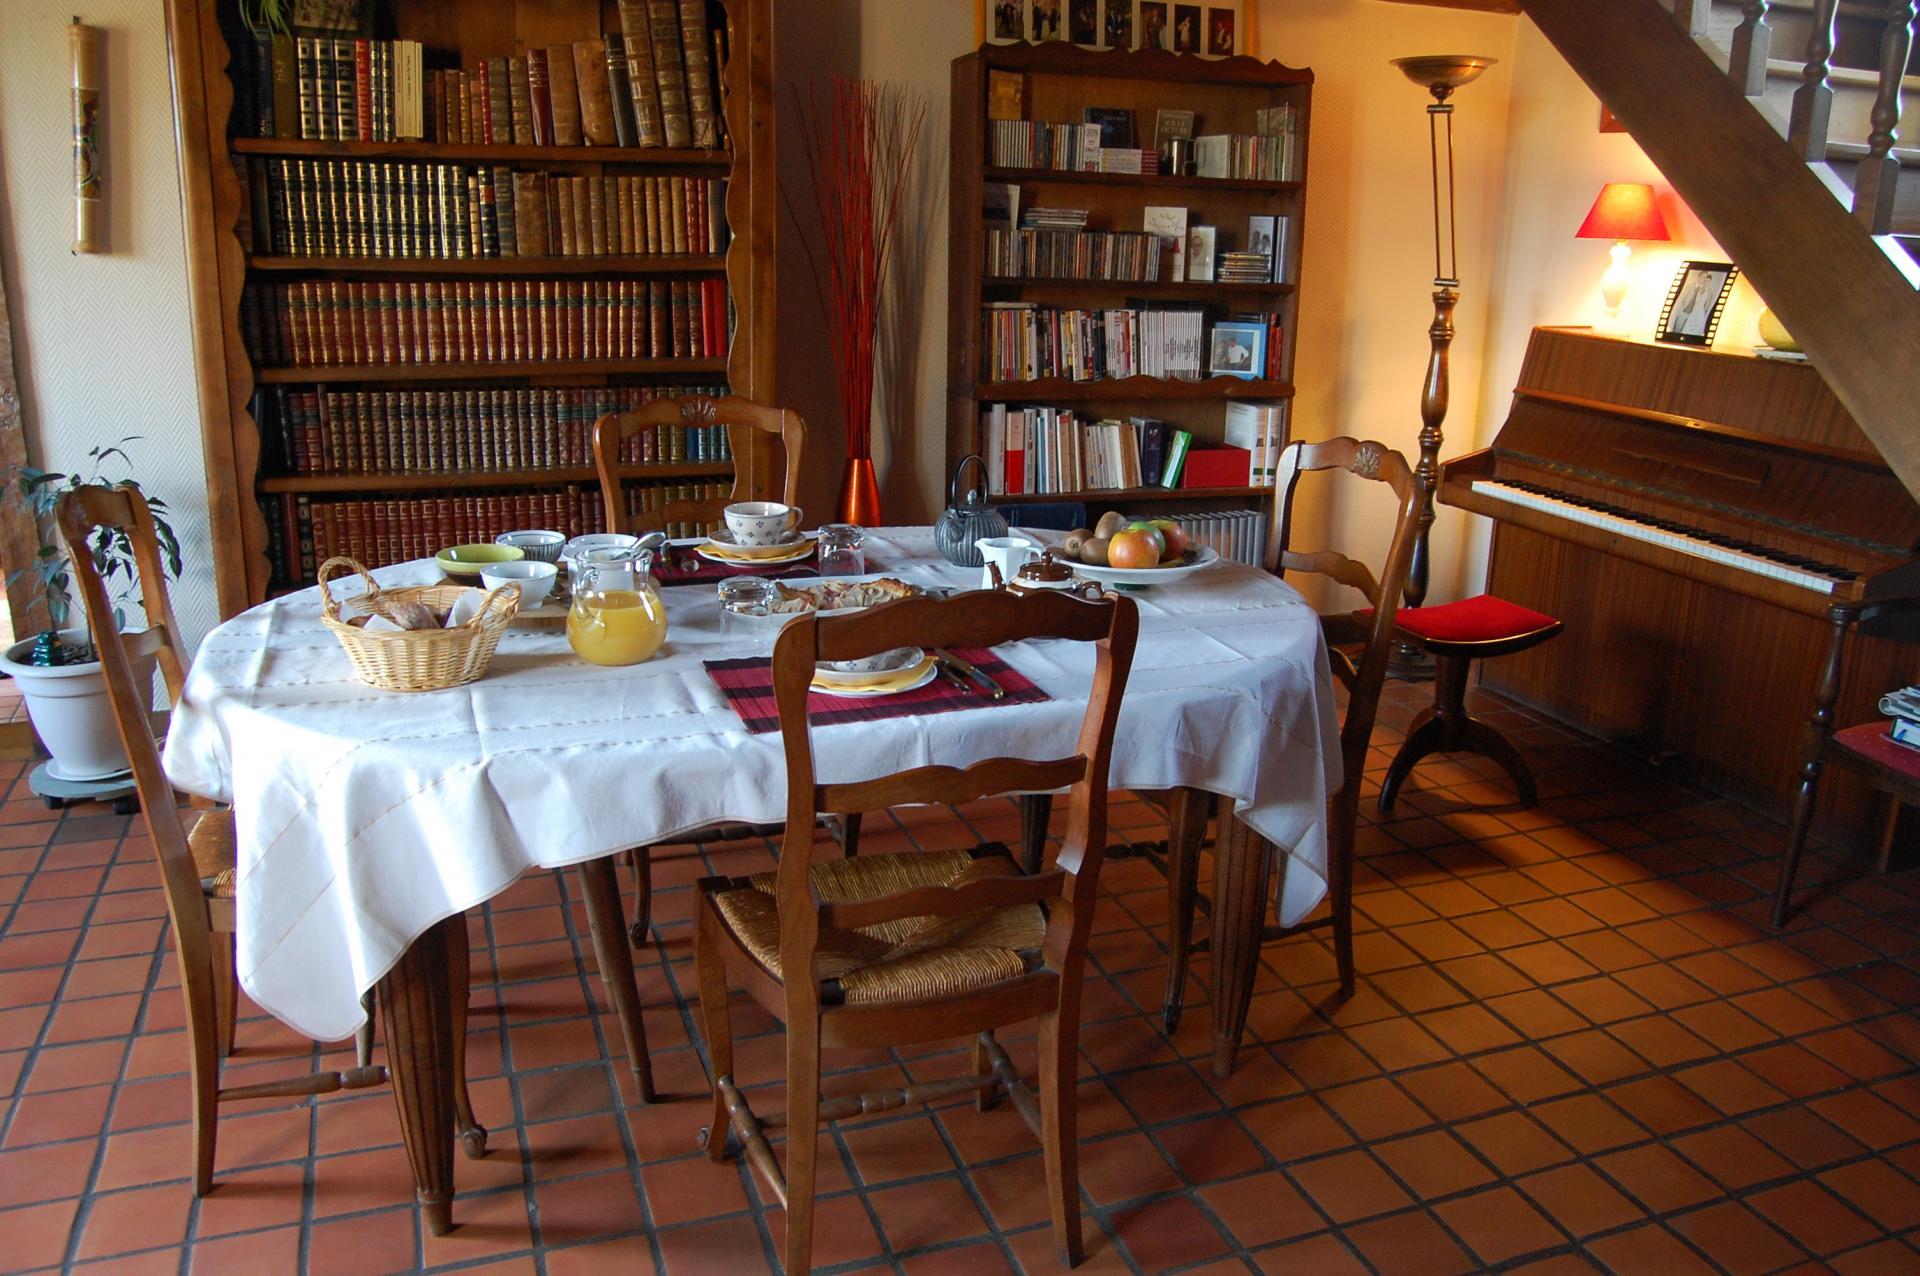 La salle du petit dejeuner 1